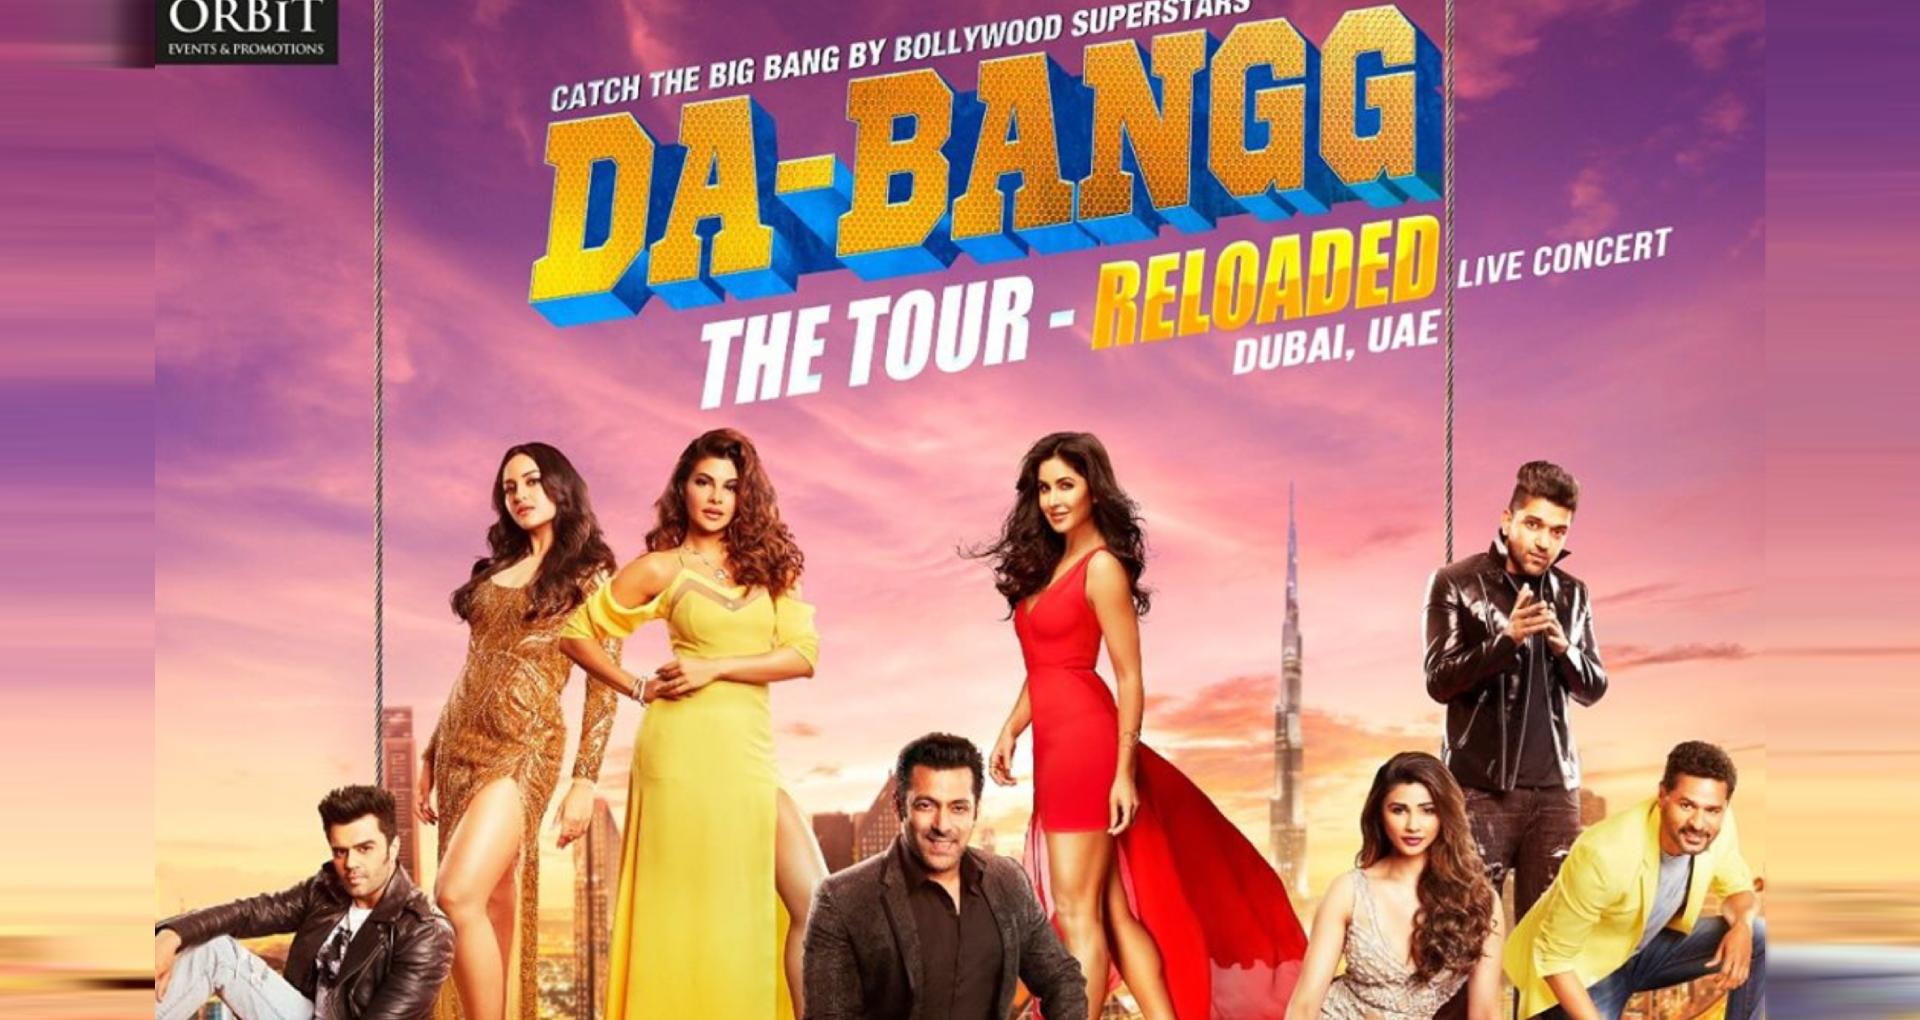 सलमान खान के फैंस के लिए दुबई से आई बुरी खबर, इस वजह से दबंग: द टूर-रिलोडेड हुआ कैंसिल